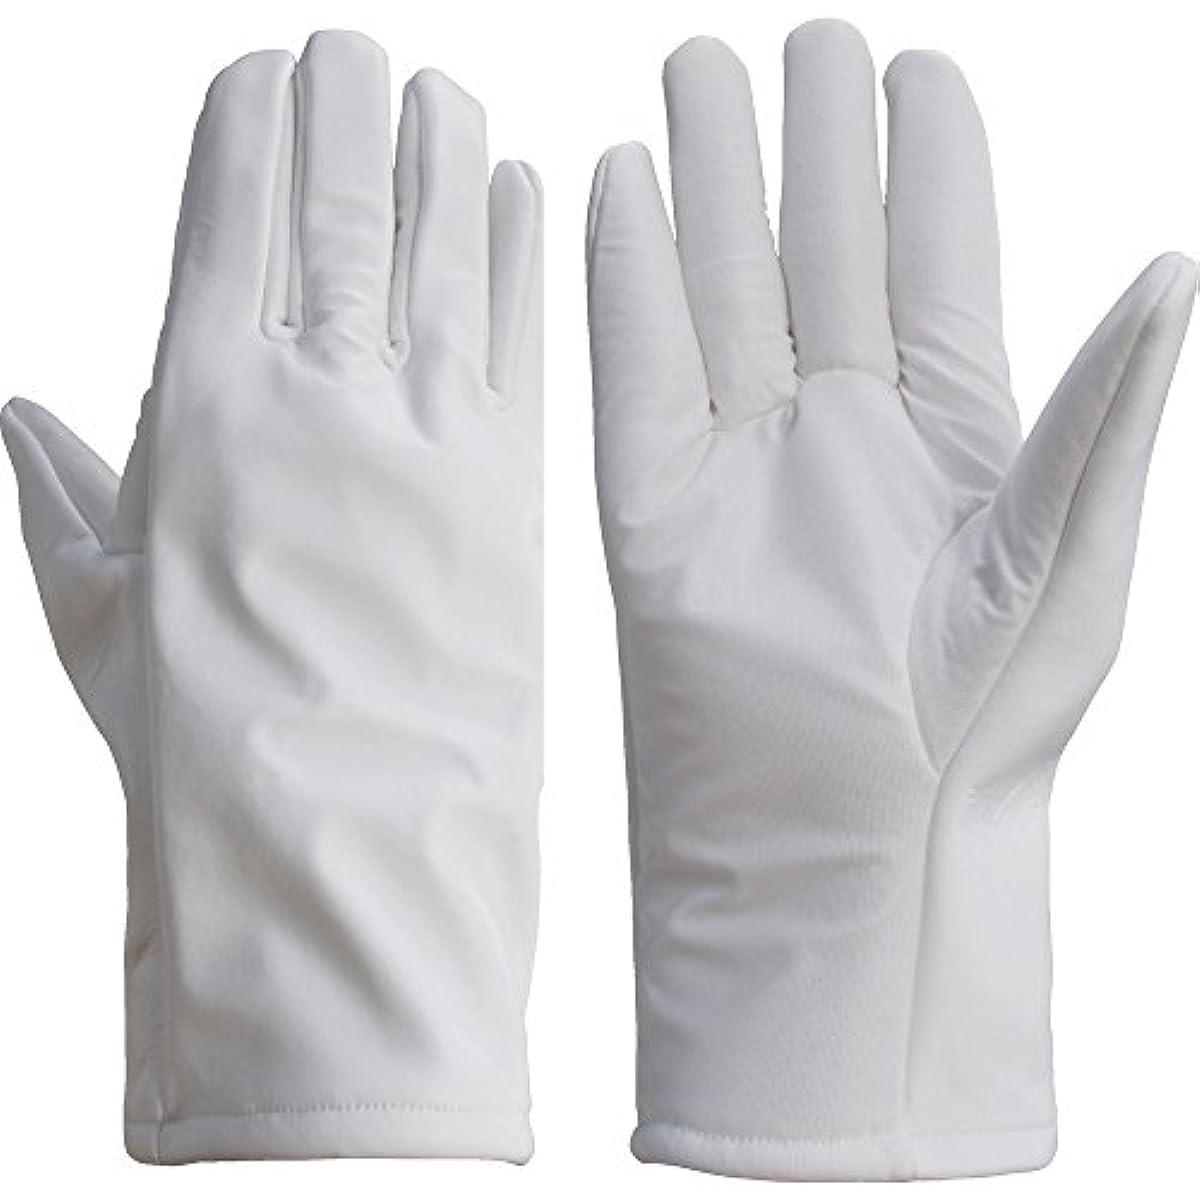 文言叙情的な依存するウインセス クリーン耐熱手袋 M (1双入) 3904-M 耐熱手袋